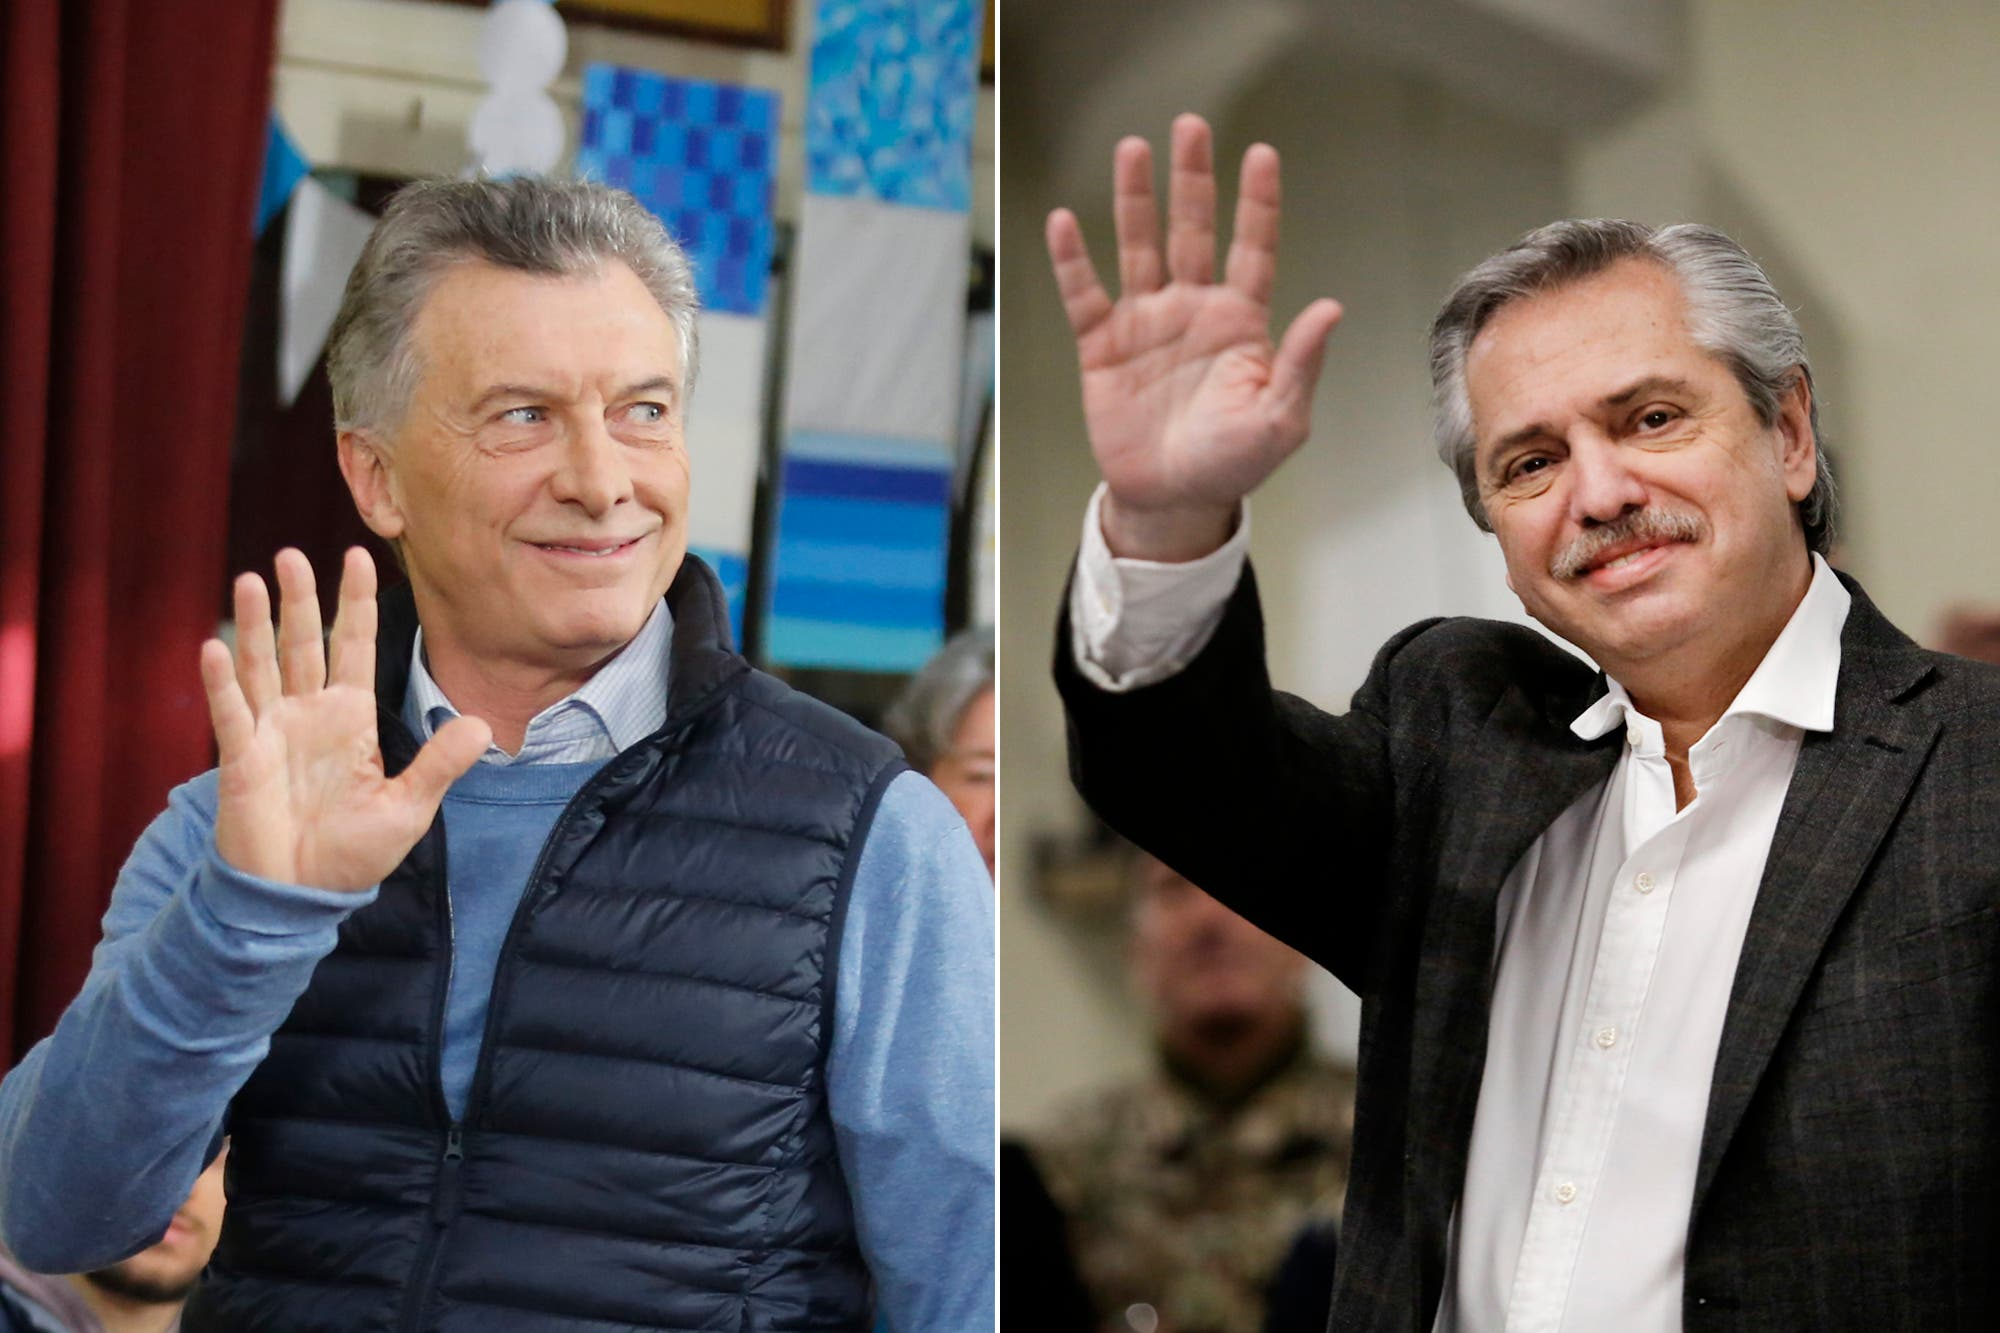 El Colegio de abogados destacó el diálogo entre Mauricio Macri y Alberto Fernández